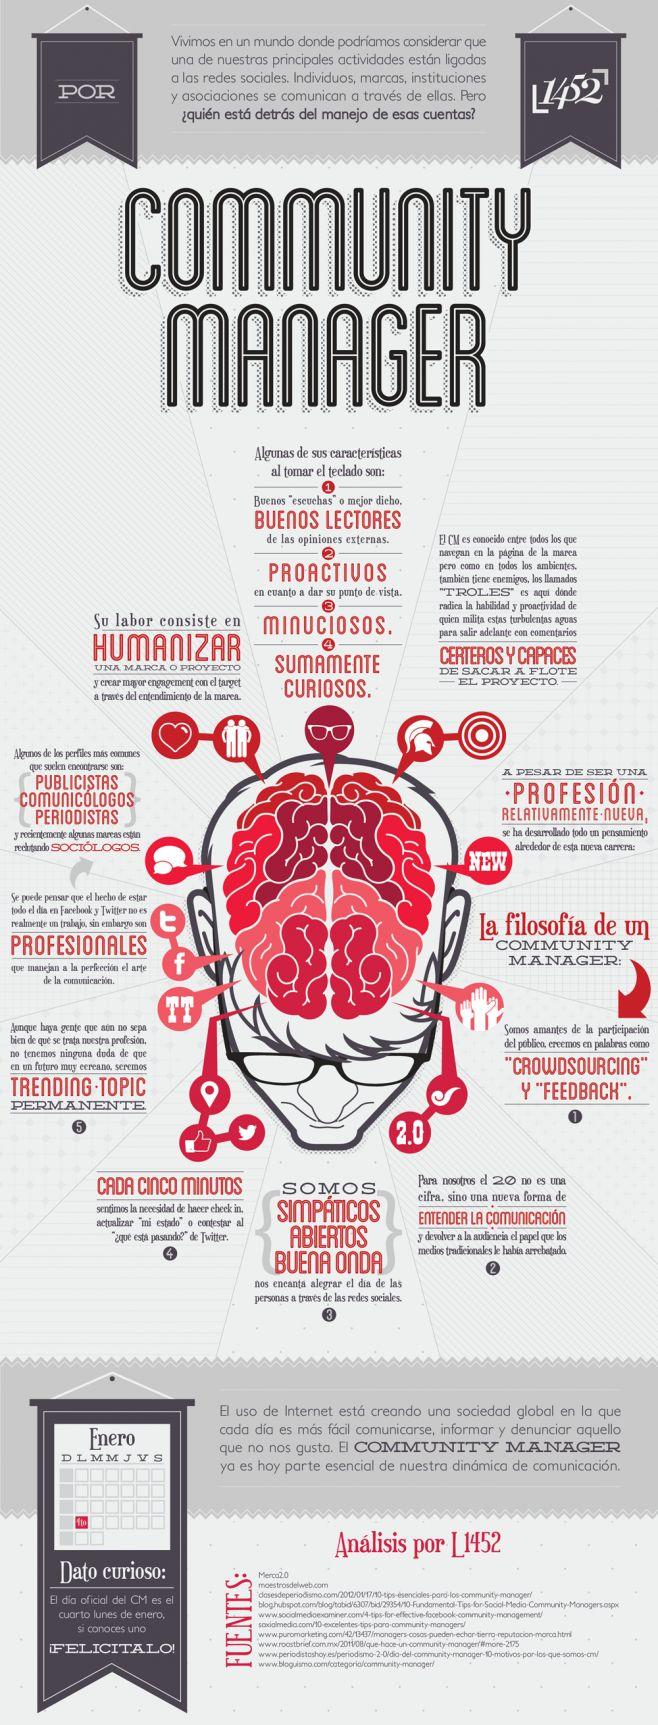 Cómo es (o cómo debe ser) un Community Manager #infografia (repinned by @Ricardo Sudario Sudario Sudario Llera) #communitymanagersocialmedia